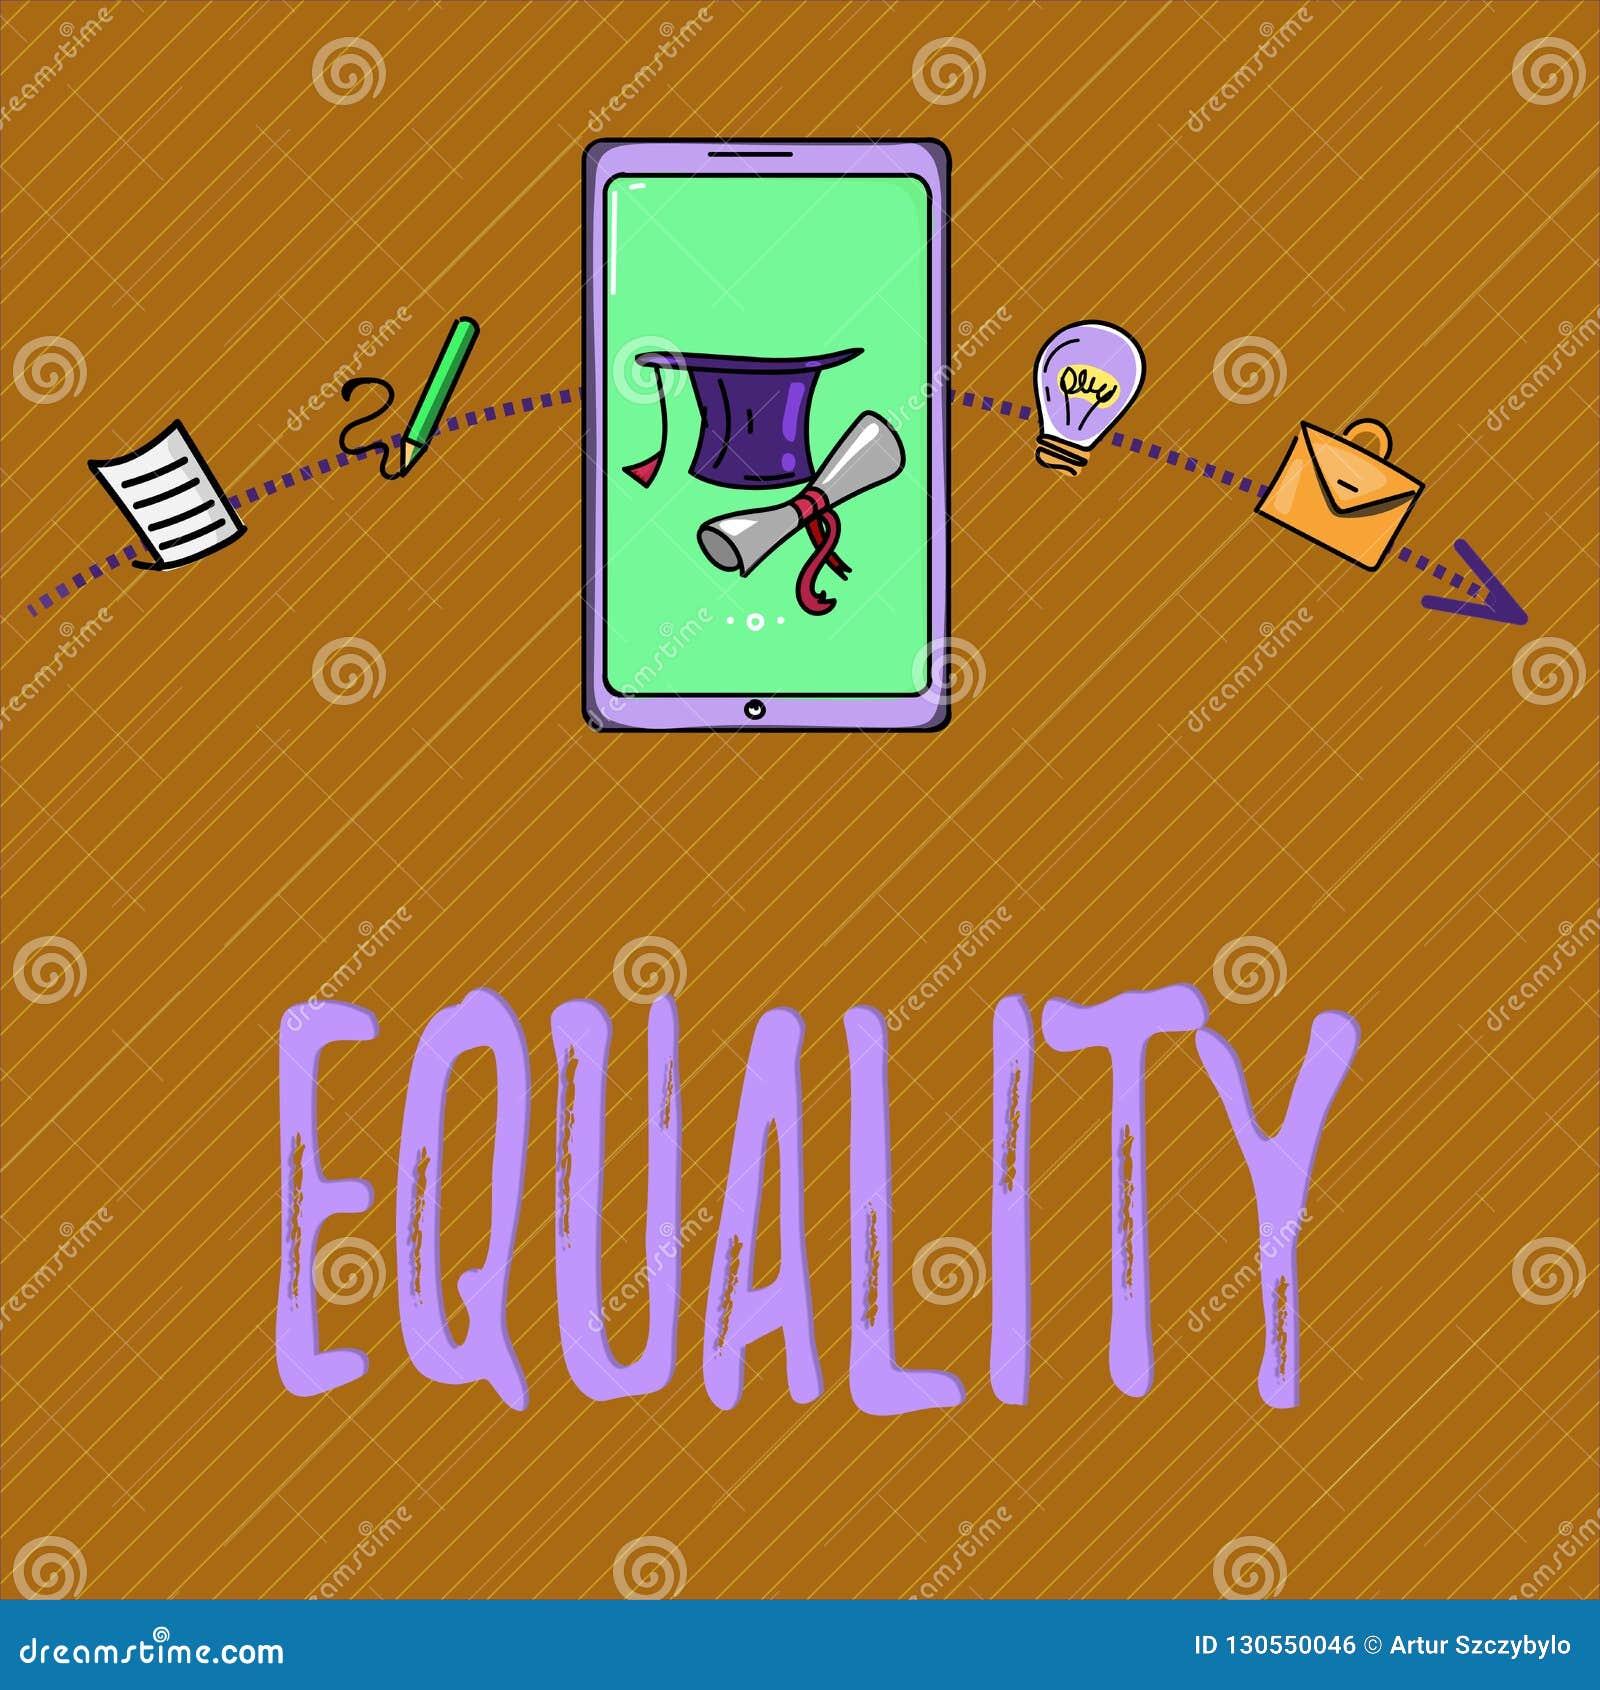 Σημάδι κειμένων που παρουσιάζει ισότητα Εννοιολογική κατάσταση φωτογραφιών της ύπαρξης ίσος ειδικά στα δικαιώματα ή τις ευκαιρίες